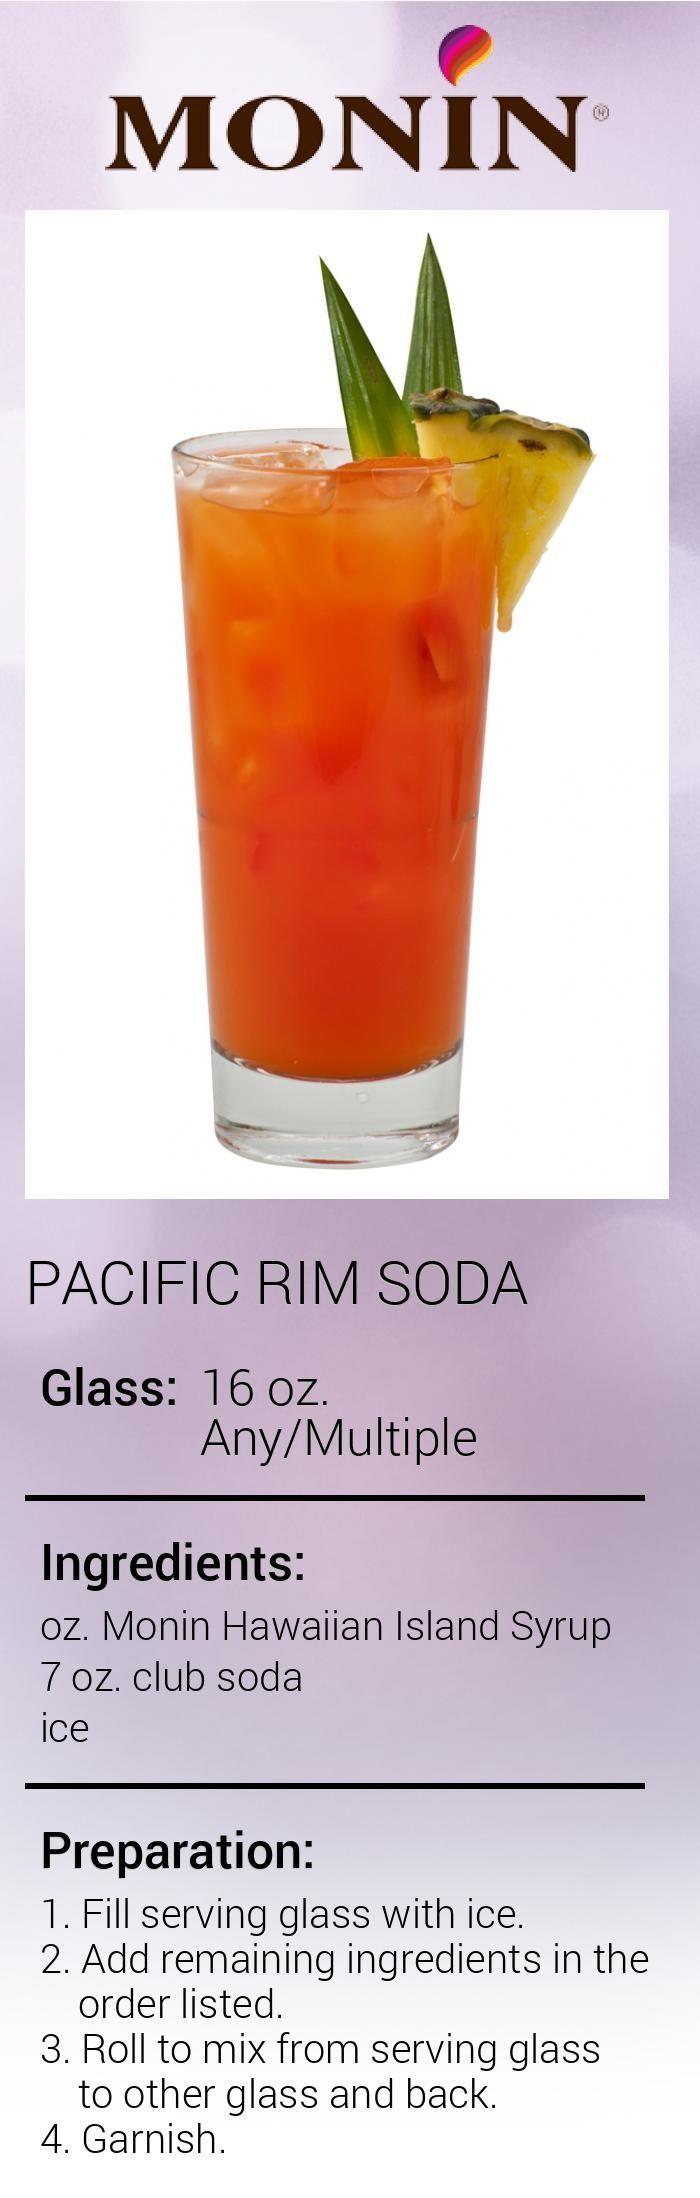 Pacific Rim Soda